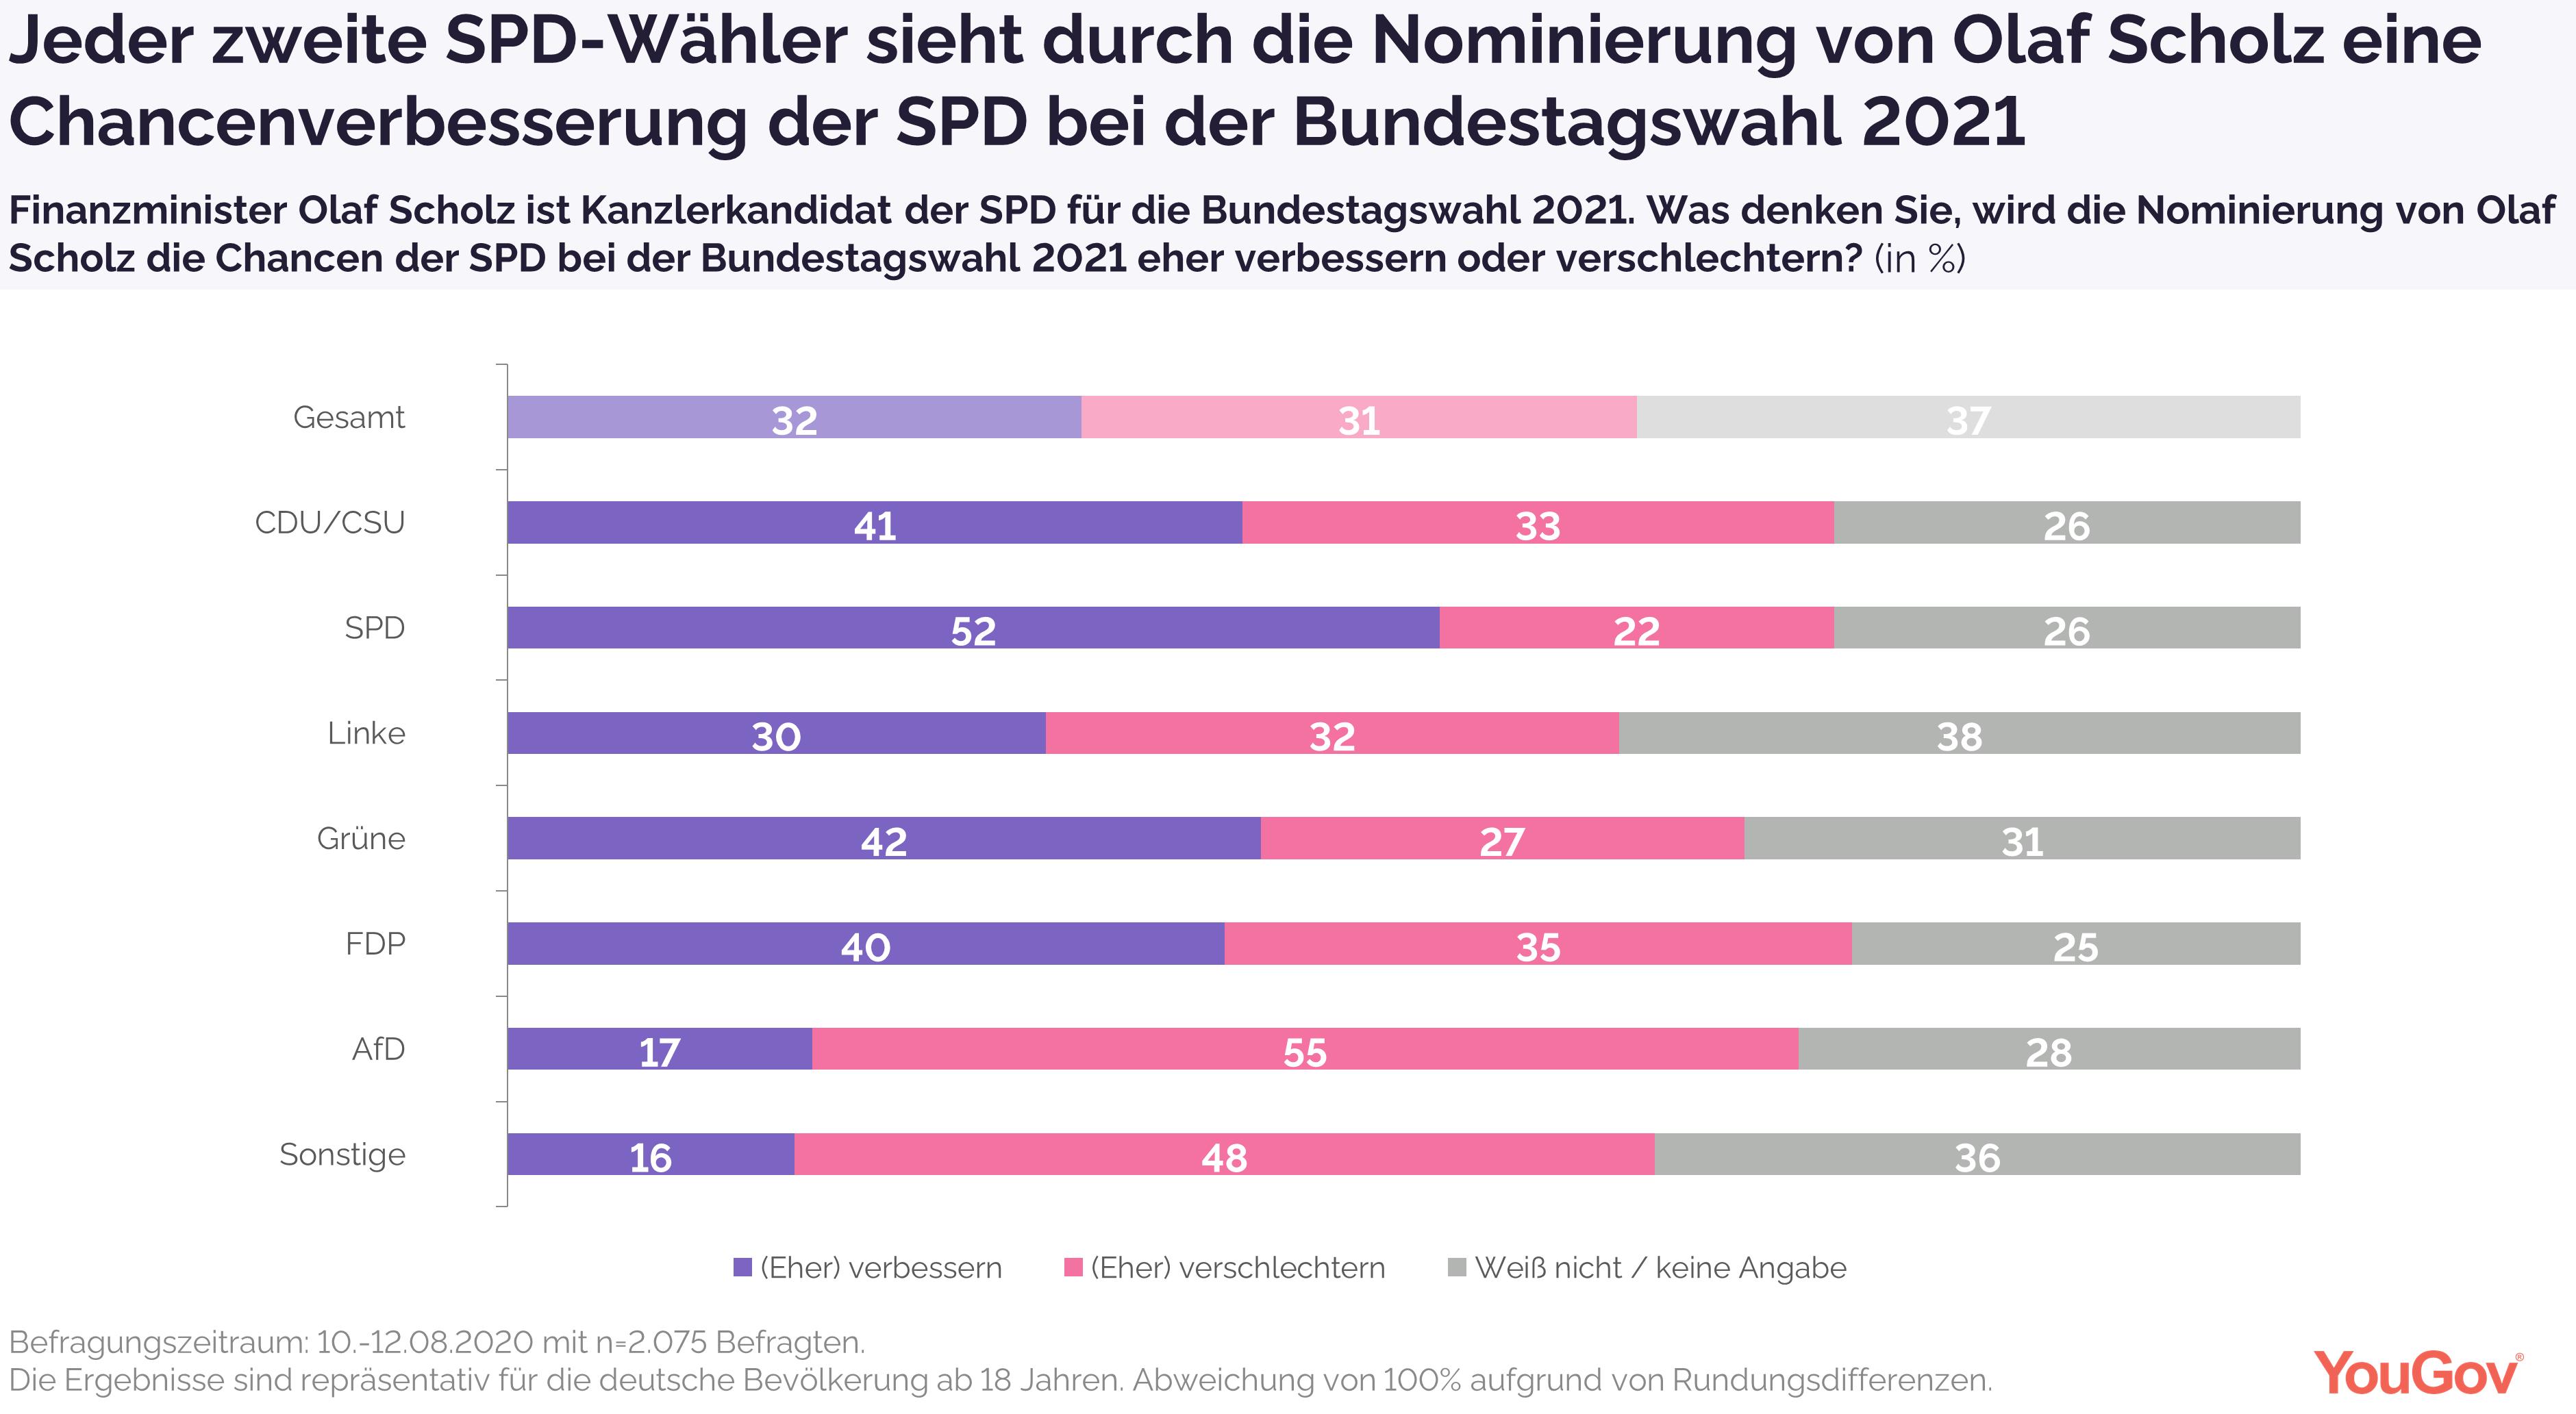 Jeder zweite SPD-Wähler sieht gute Chancen für die SPD